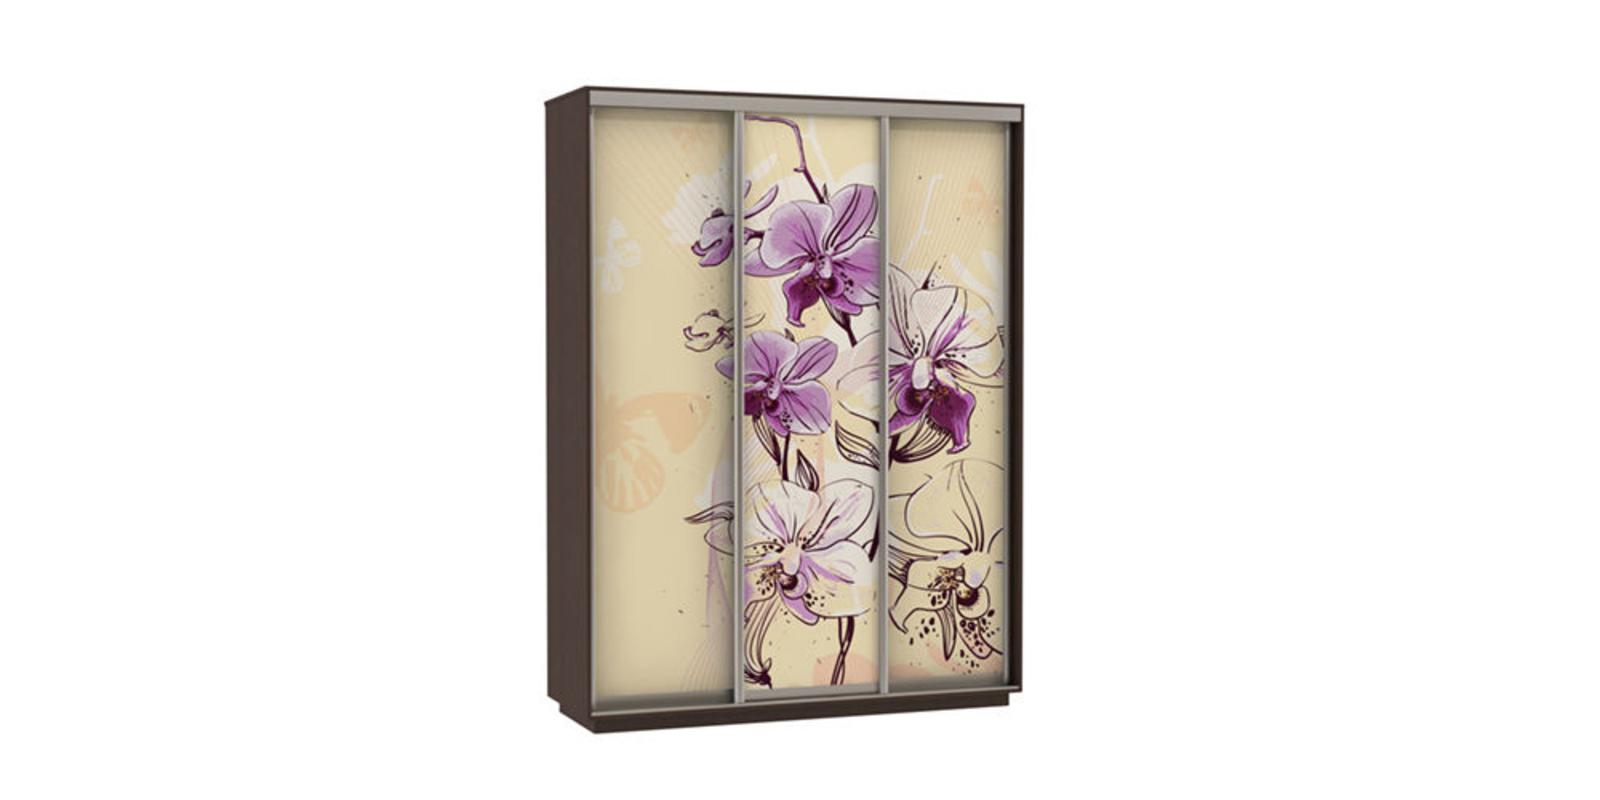 Шкаф-купе трехдверный Байкал 180 см (венге/орхидея)